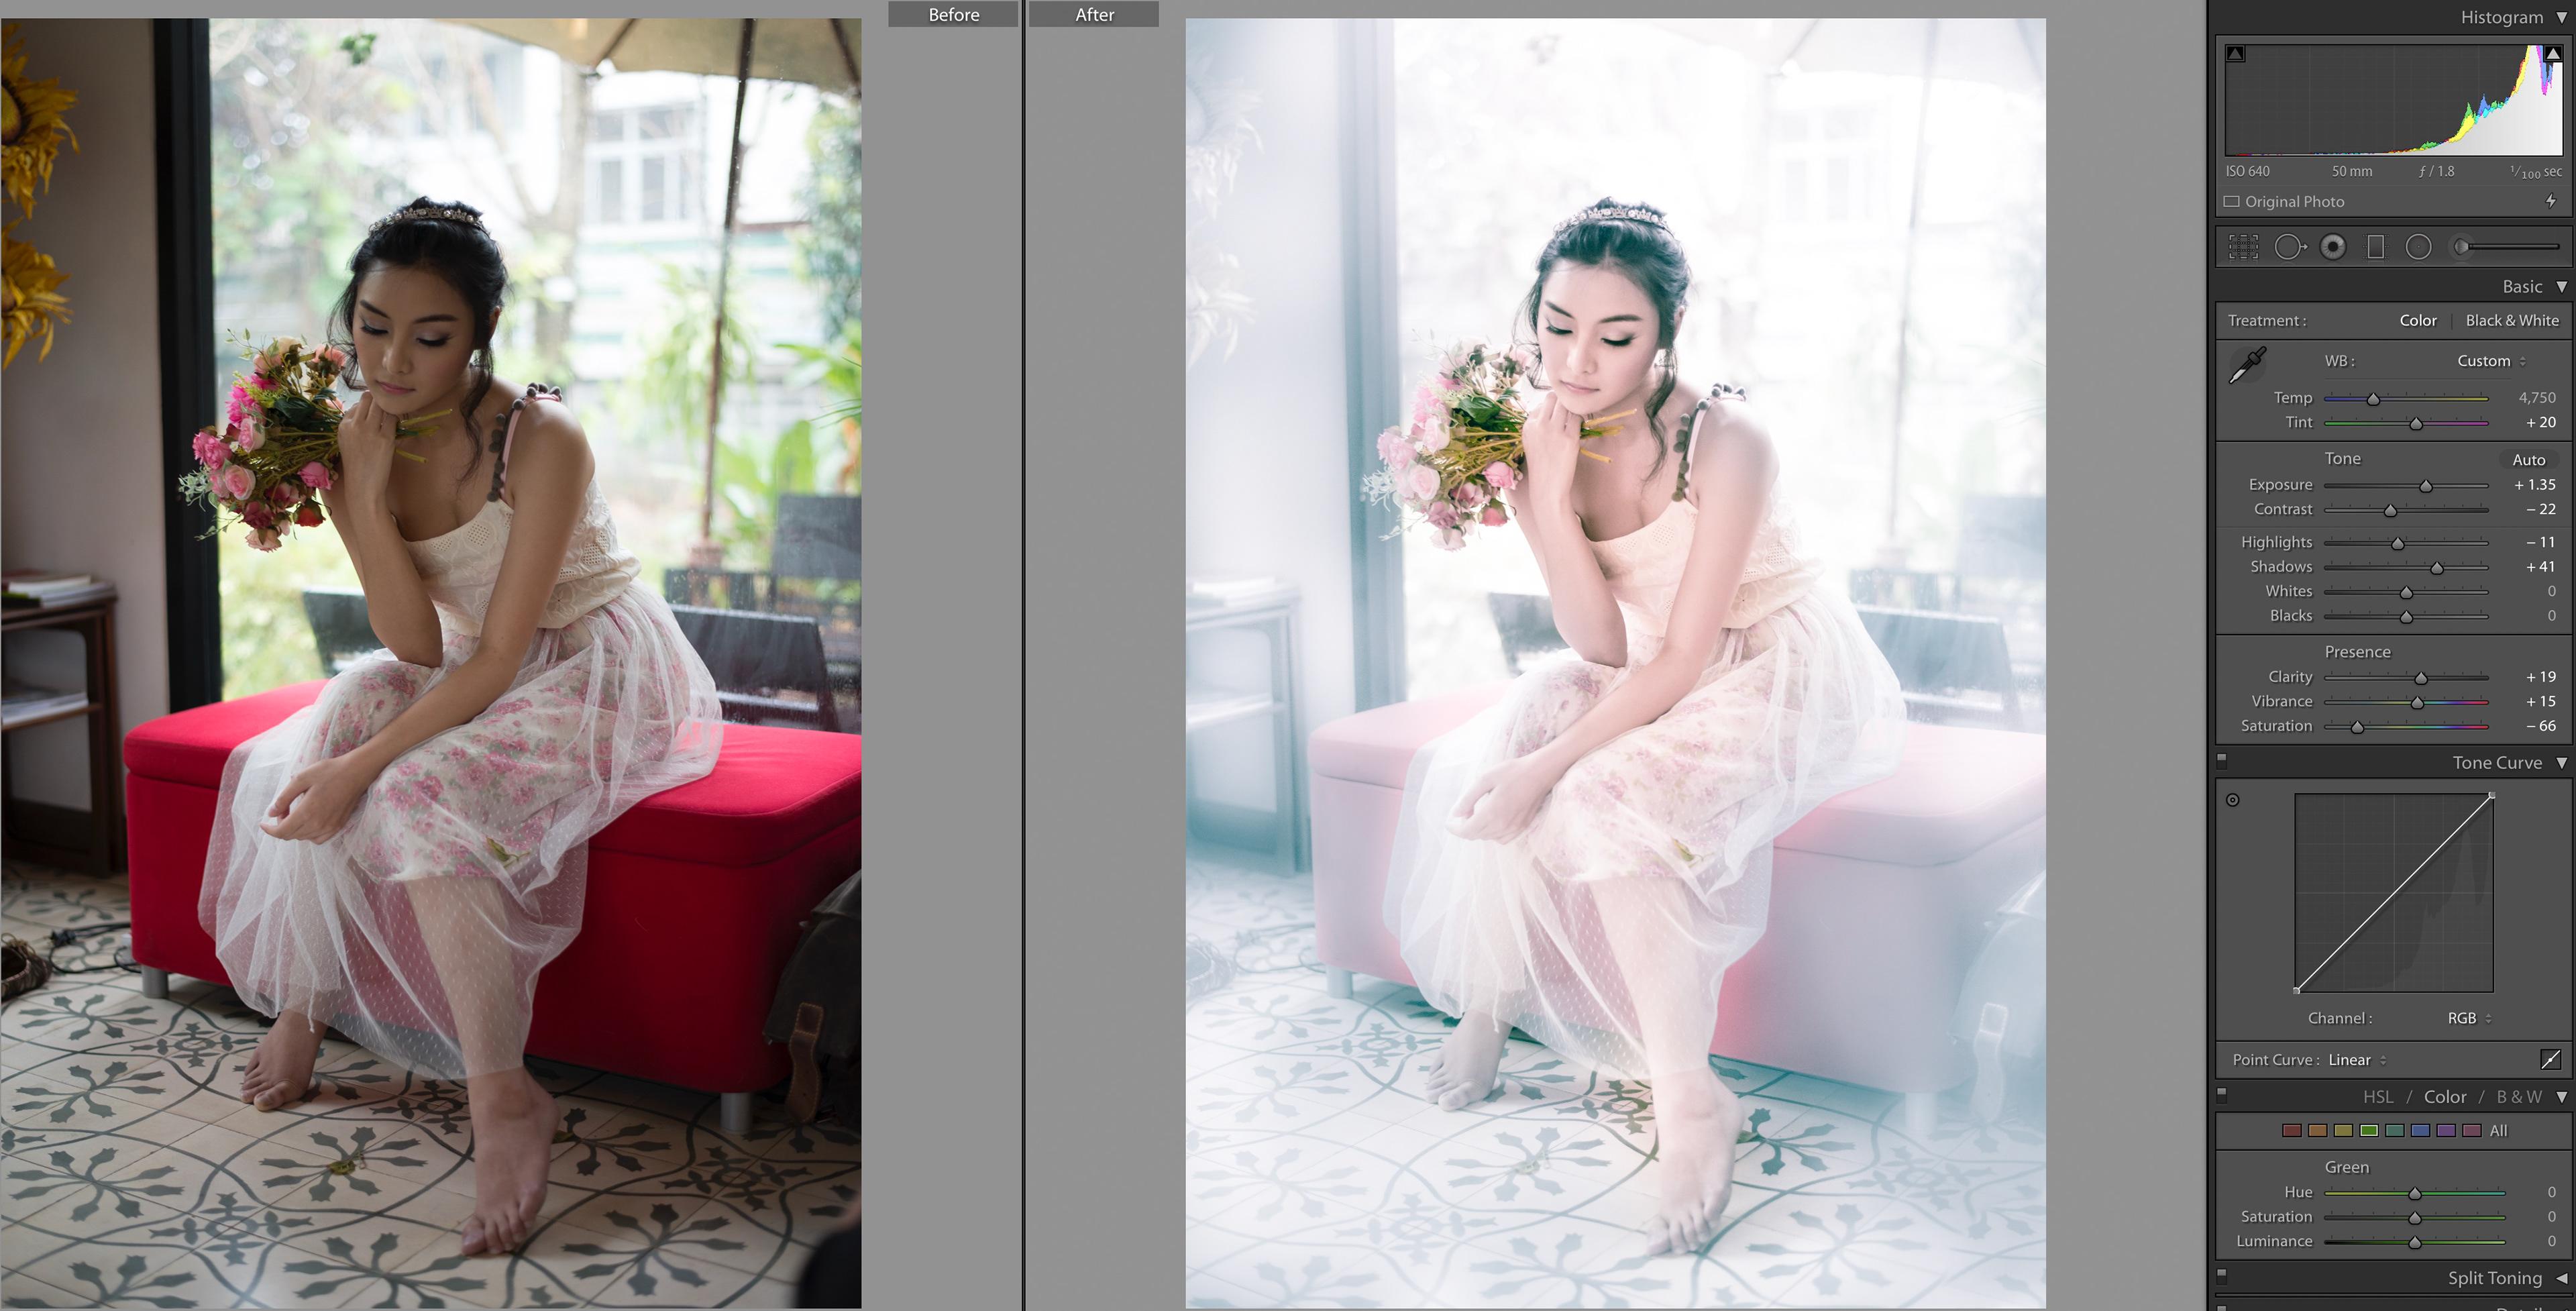 Реставрация мягкой мебели фото до и после обмотать